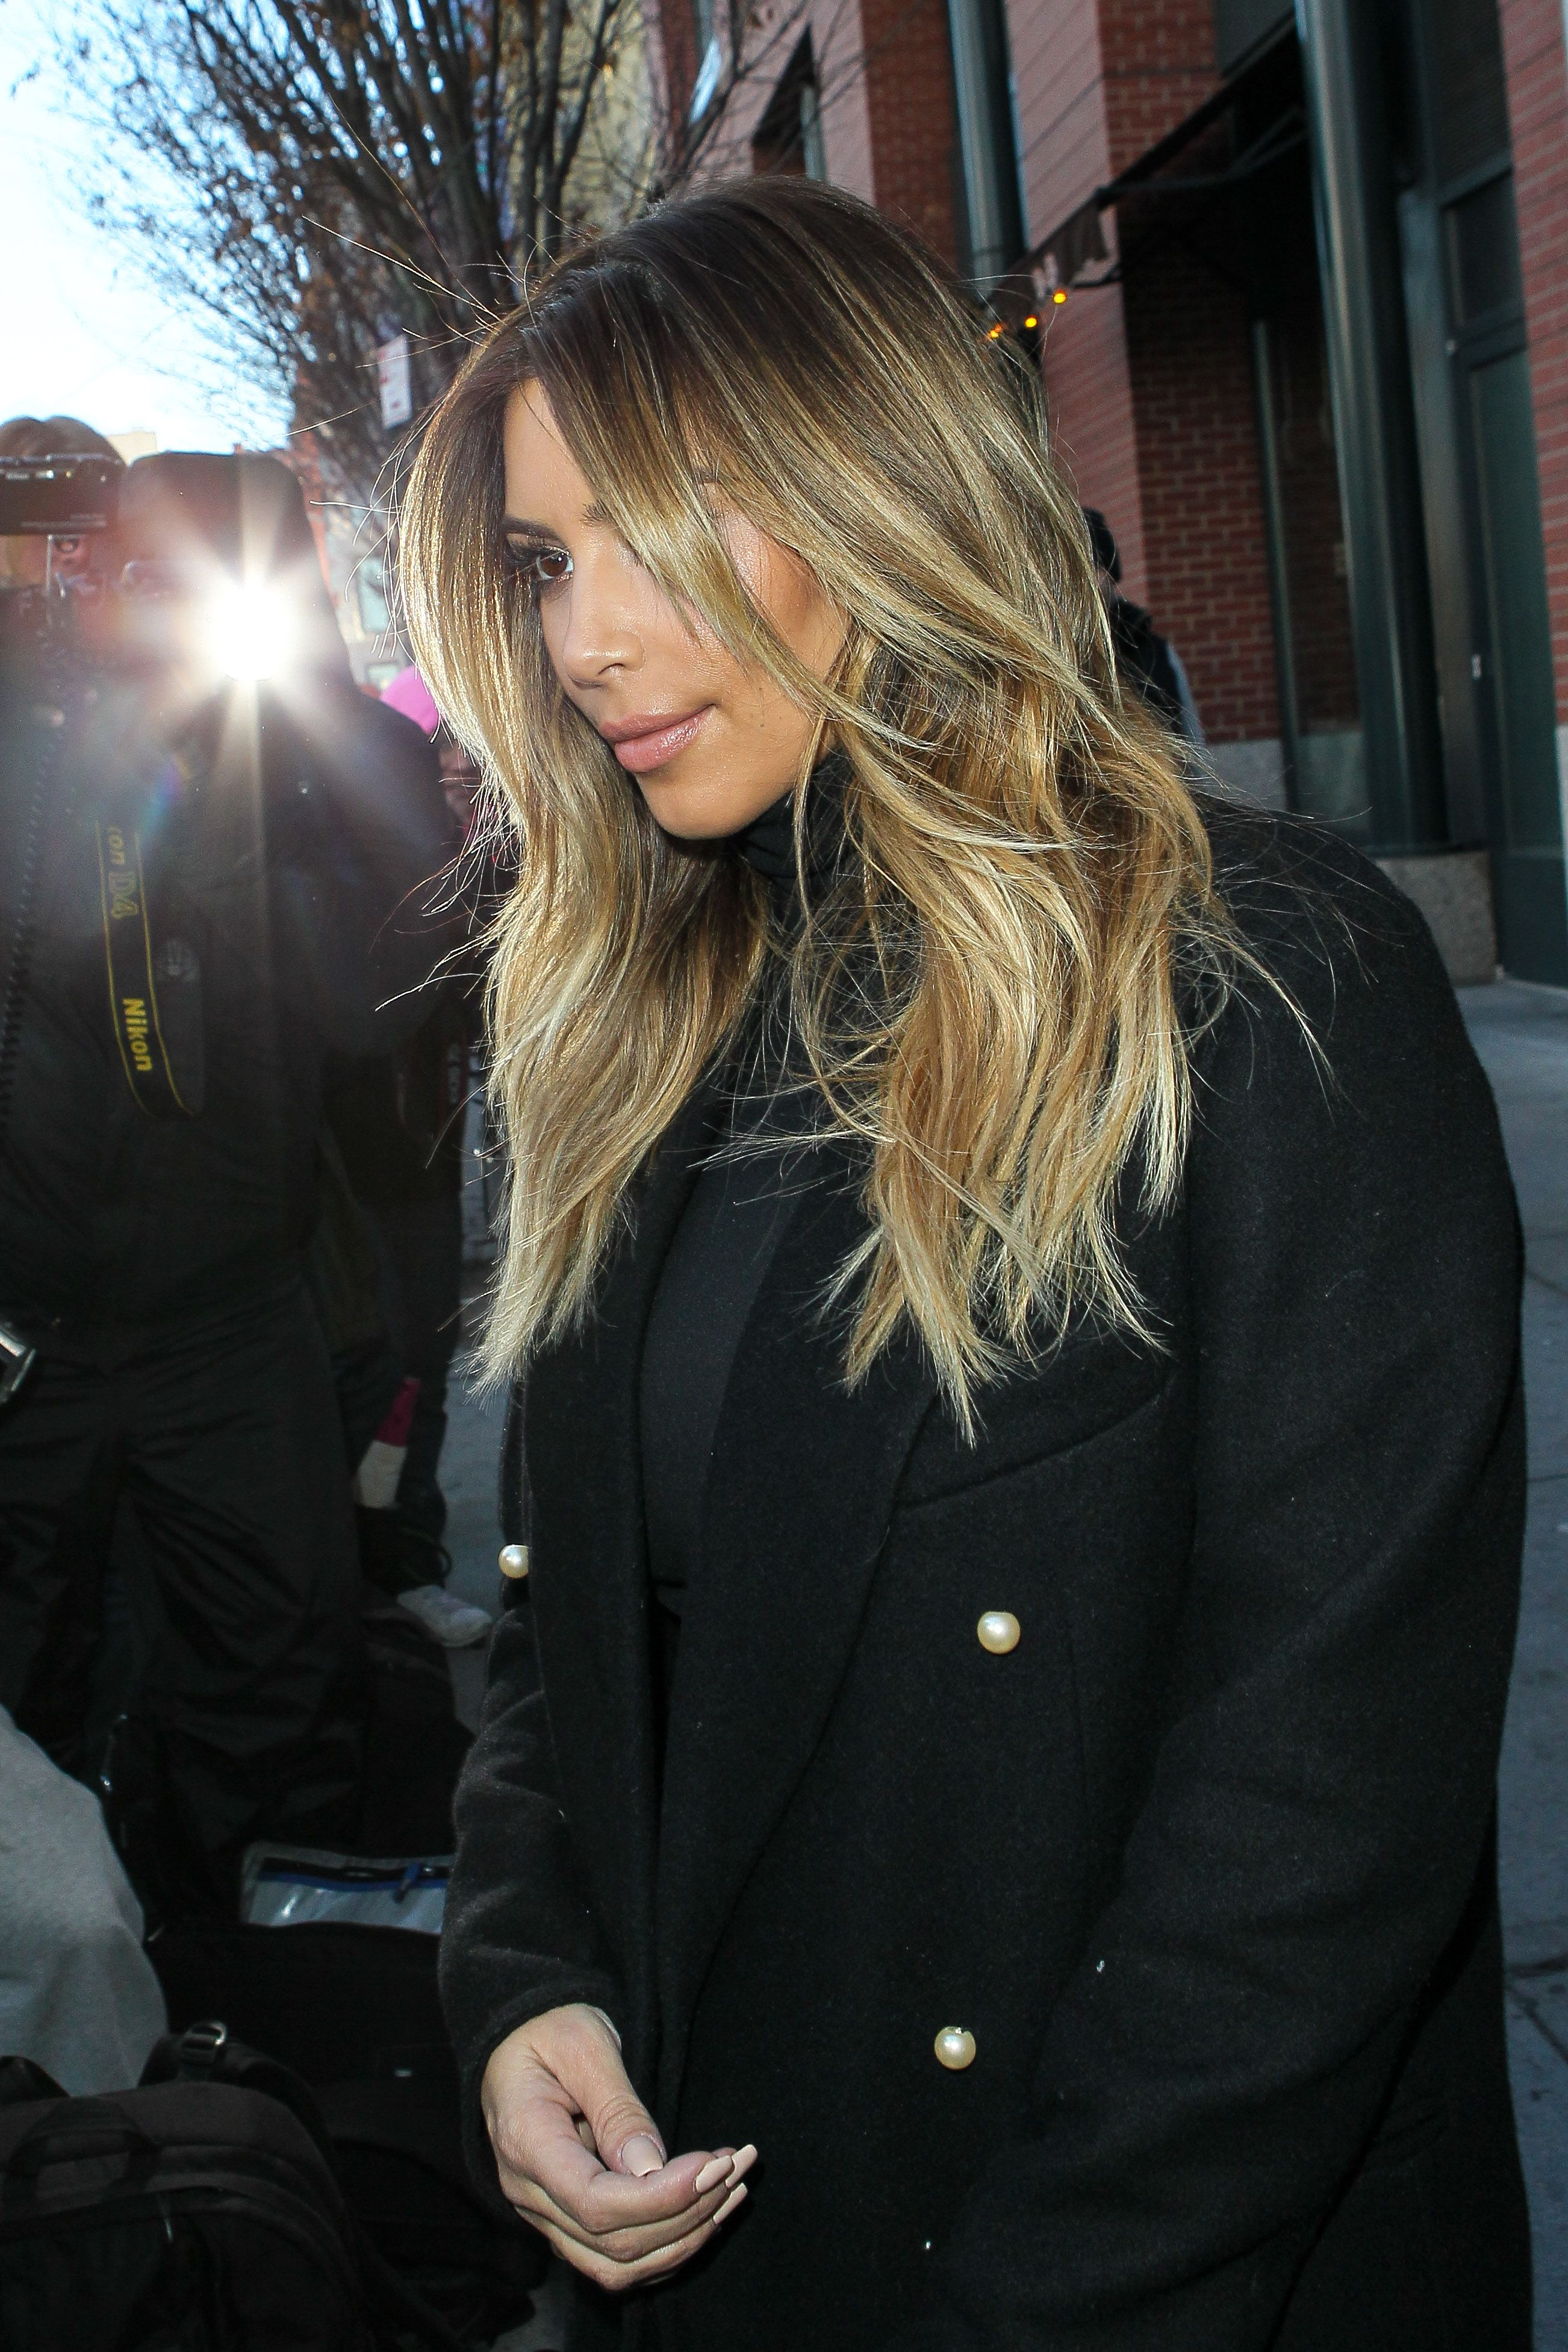 Kim Kardashian Blonde Photo Wagner Az Celebrities By Wagner Az